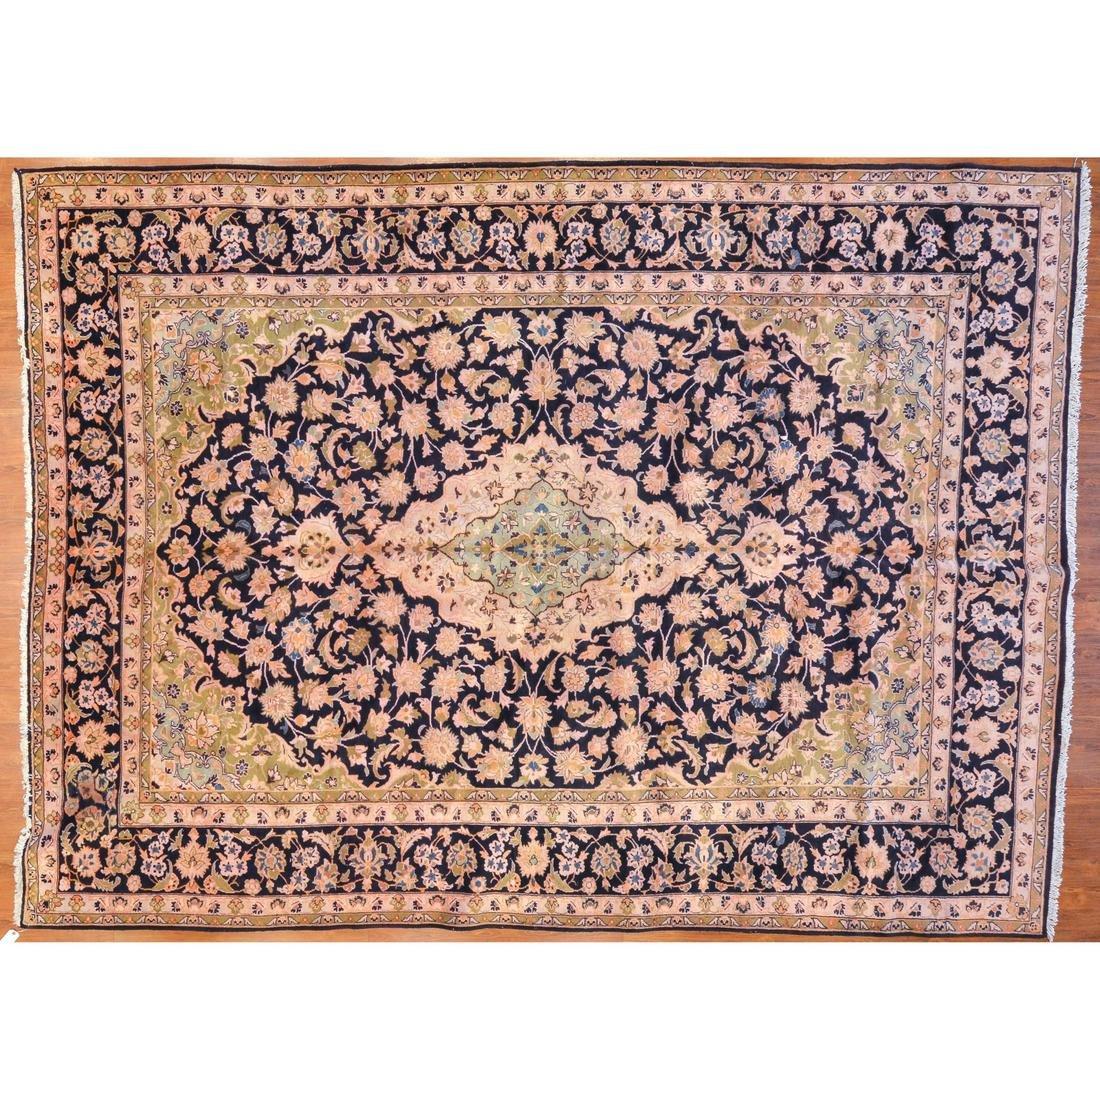 Najafabad Carpet, Persia, 9 x 12.1